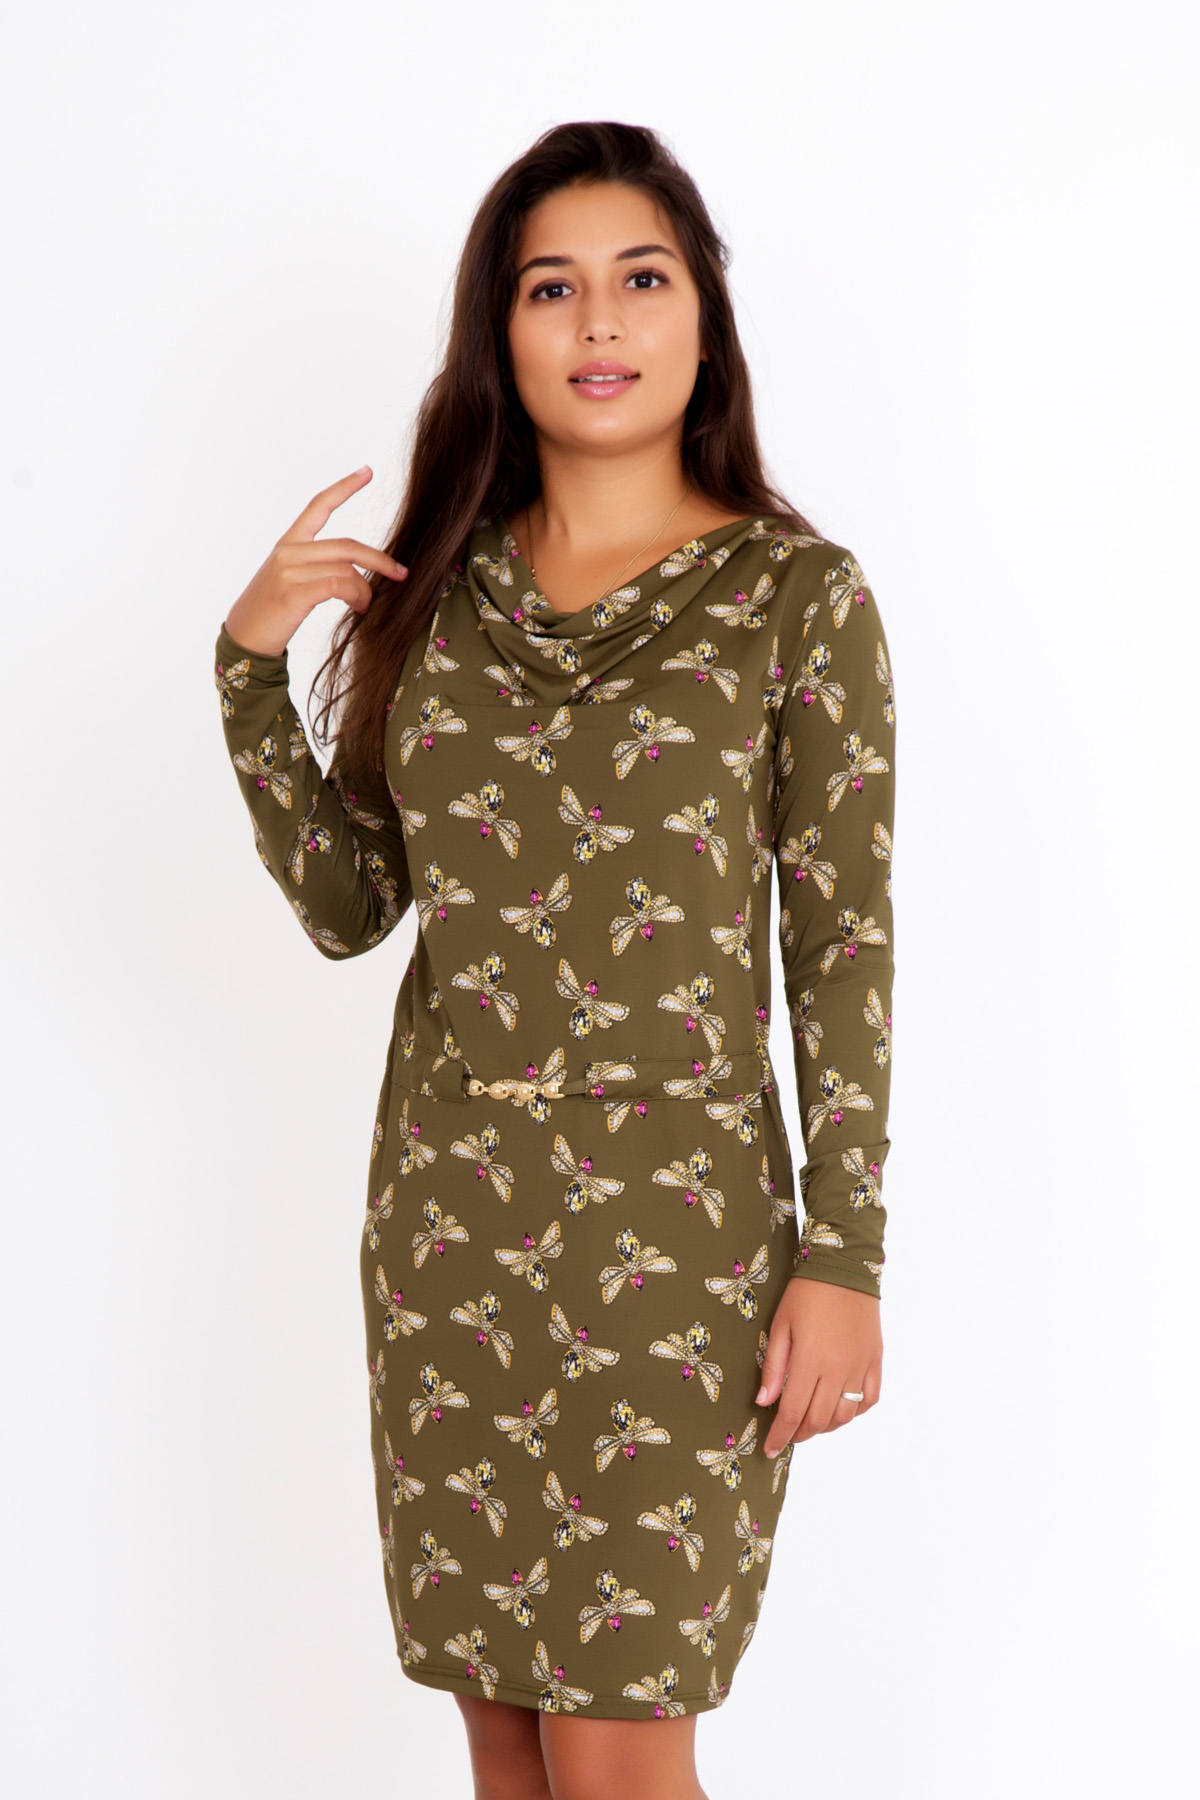 Жен. платье Стрекоза р. 44Платья<br>Обхват груди: 88 см <br>Обхват талии: 68 см <br>Обхват бедер: 96 см <br>Длина по спинке: 92 см <br>Рост: 167 см<br><br>Тип: Жен. платье<br>Размер: 44<br>Материал: Масло